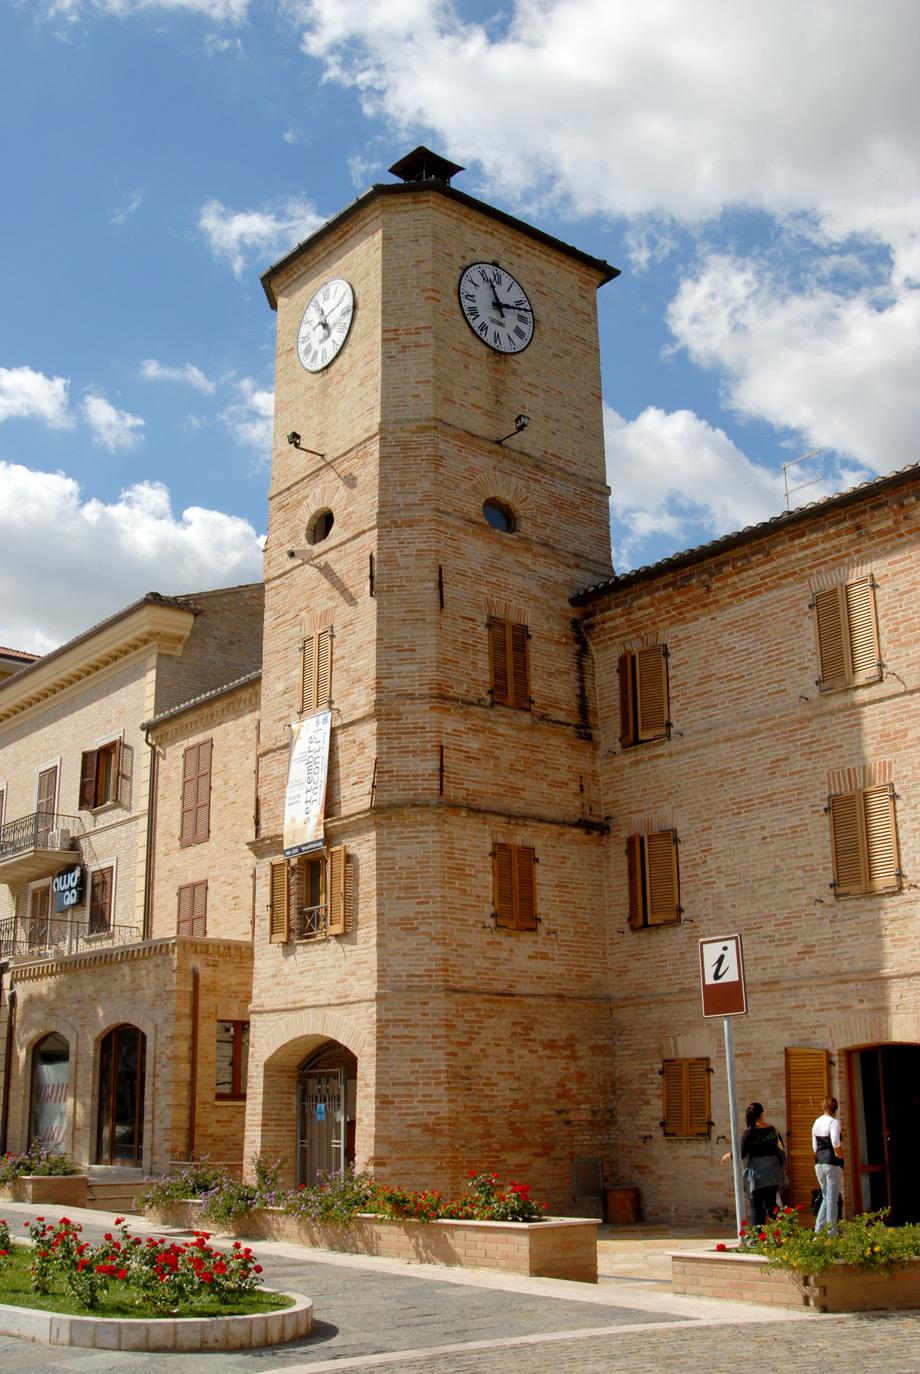 Risultati immagini per torre dell'orologio porto sant'elpidio